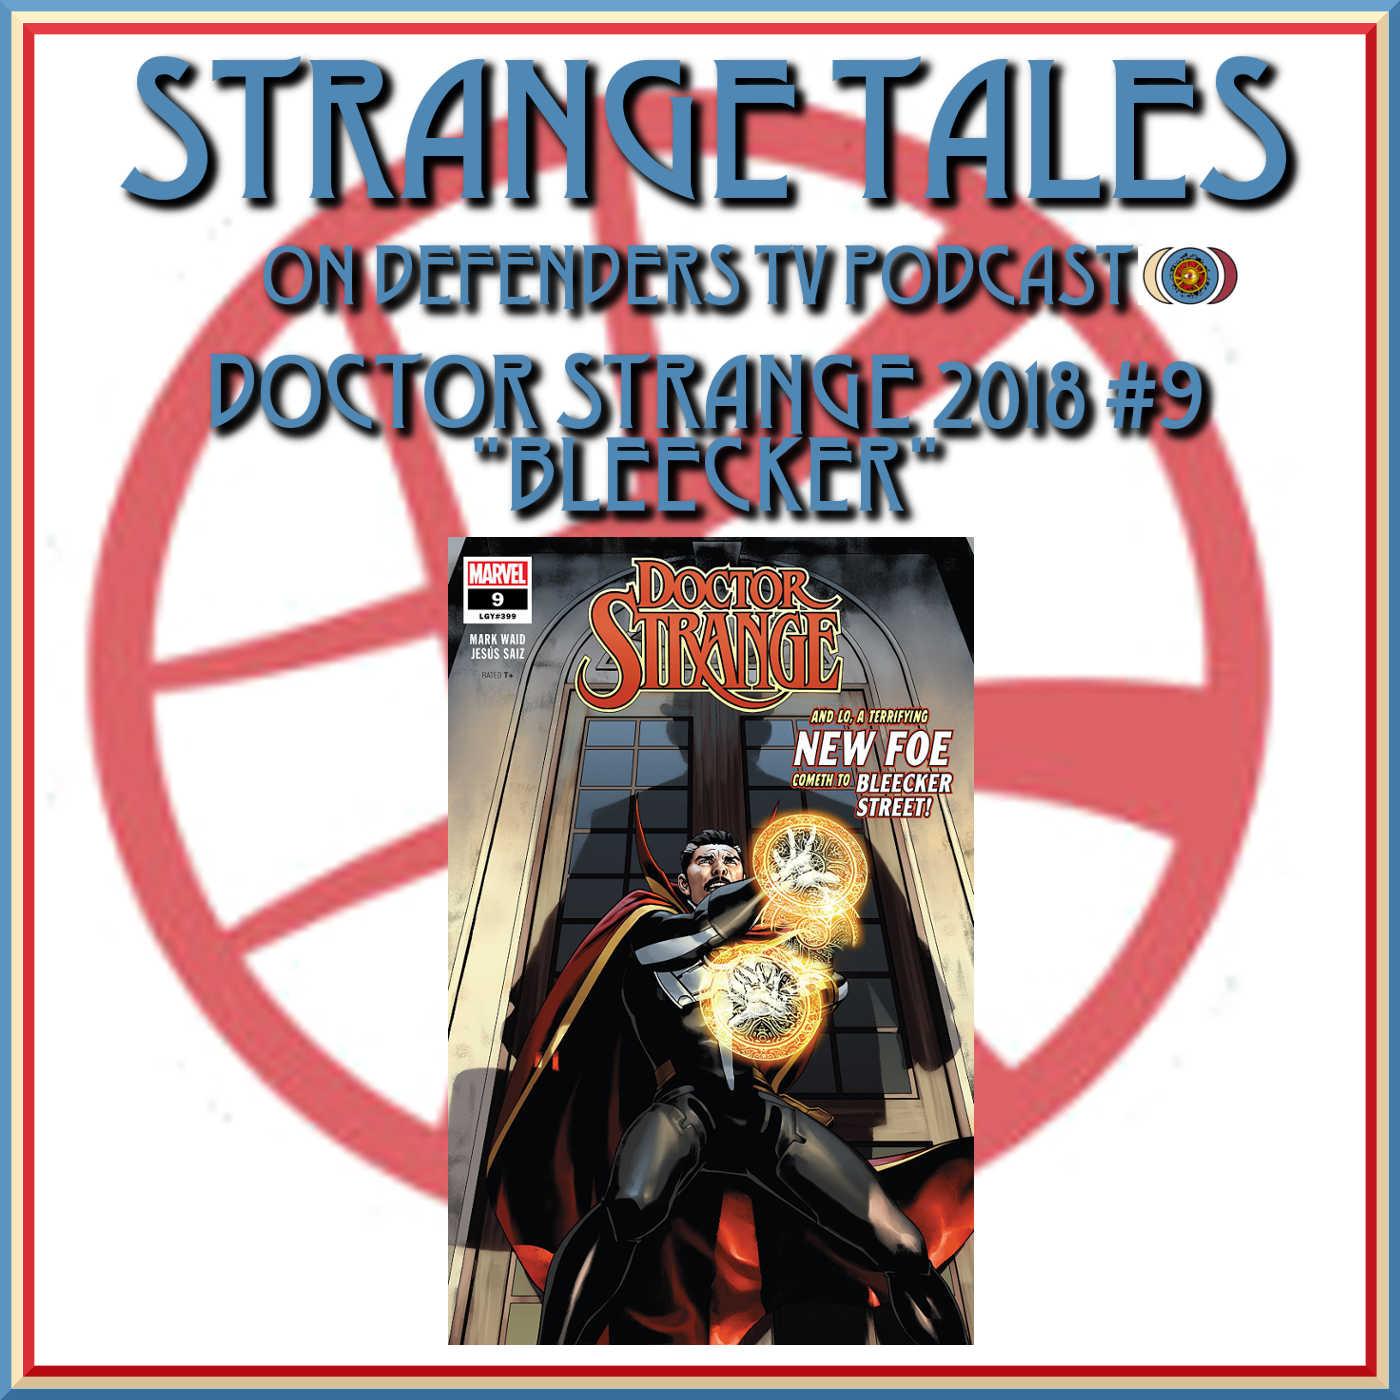 Doctor Strange Issue 9